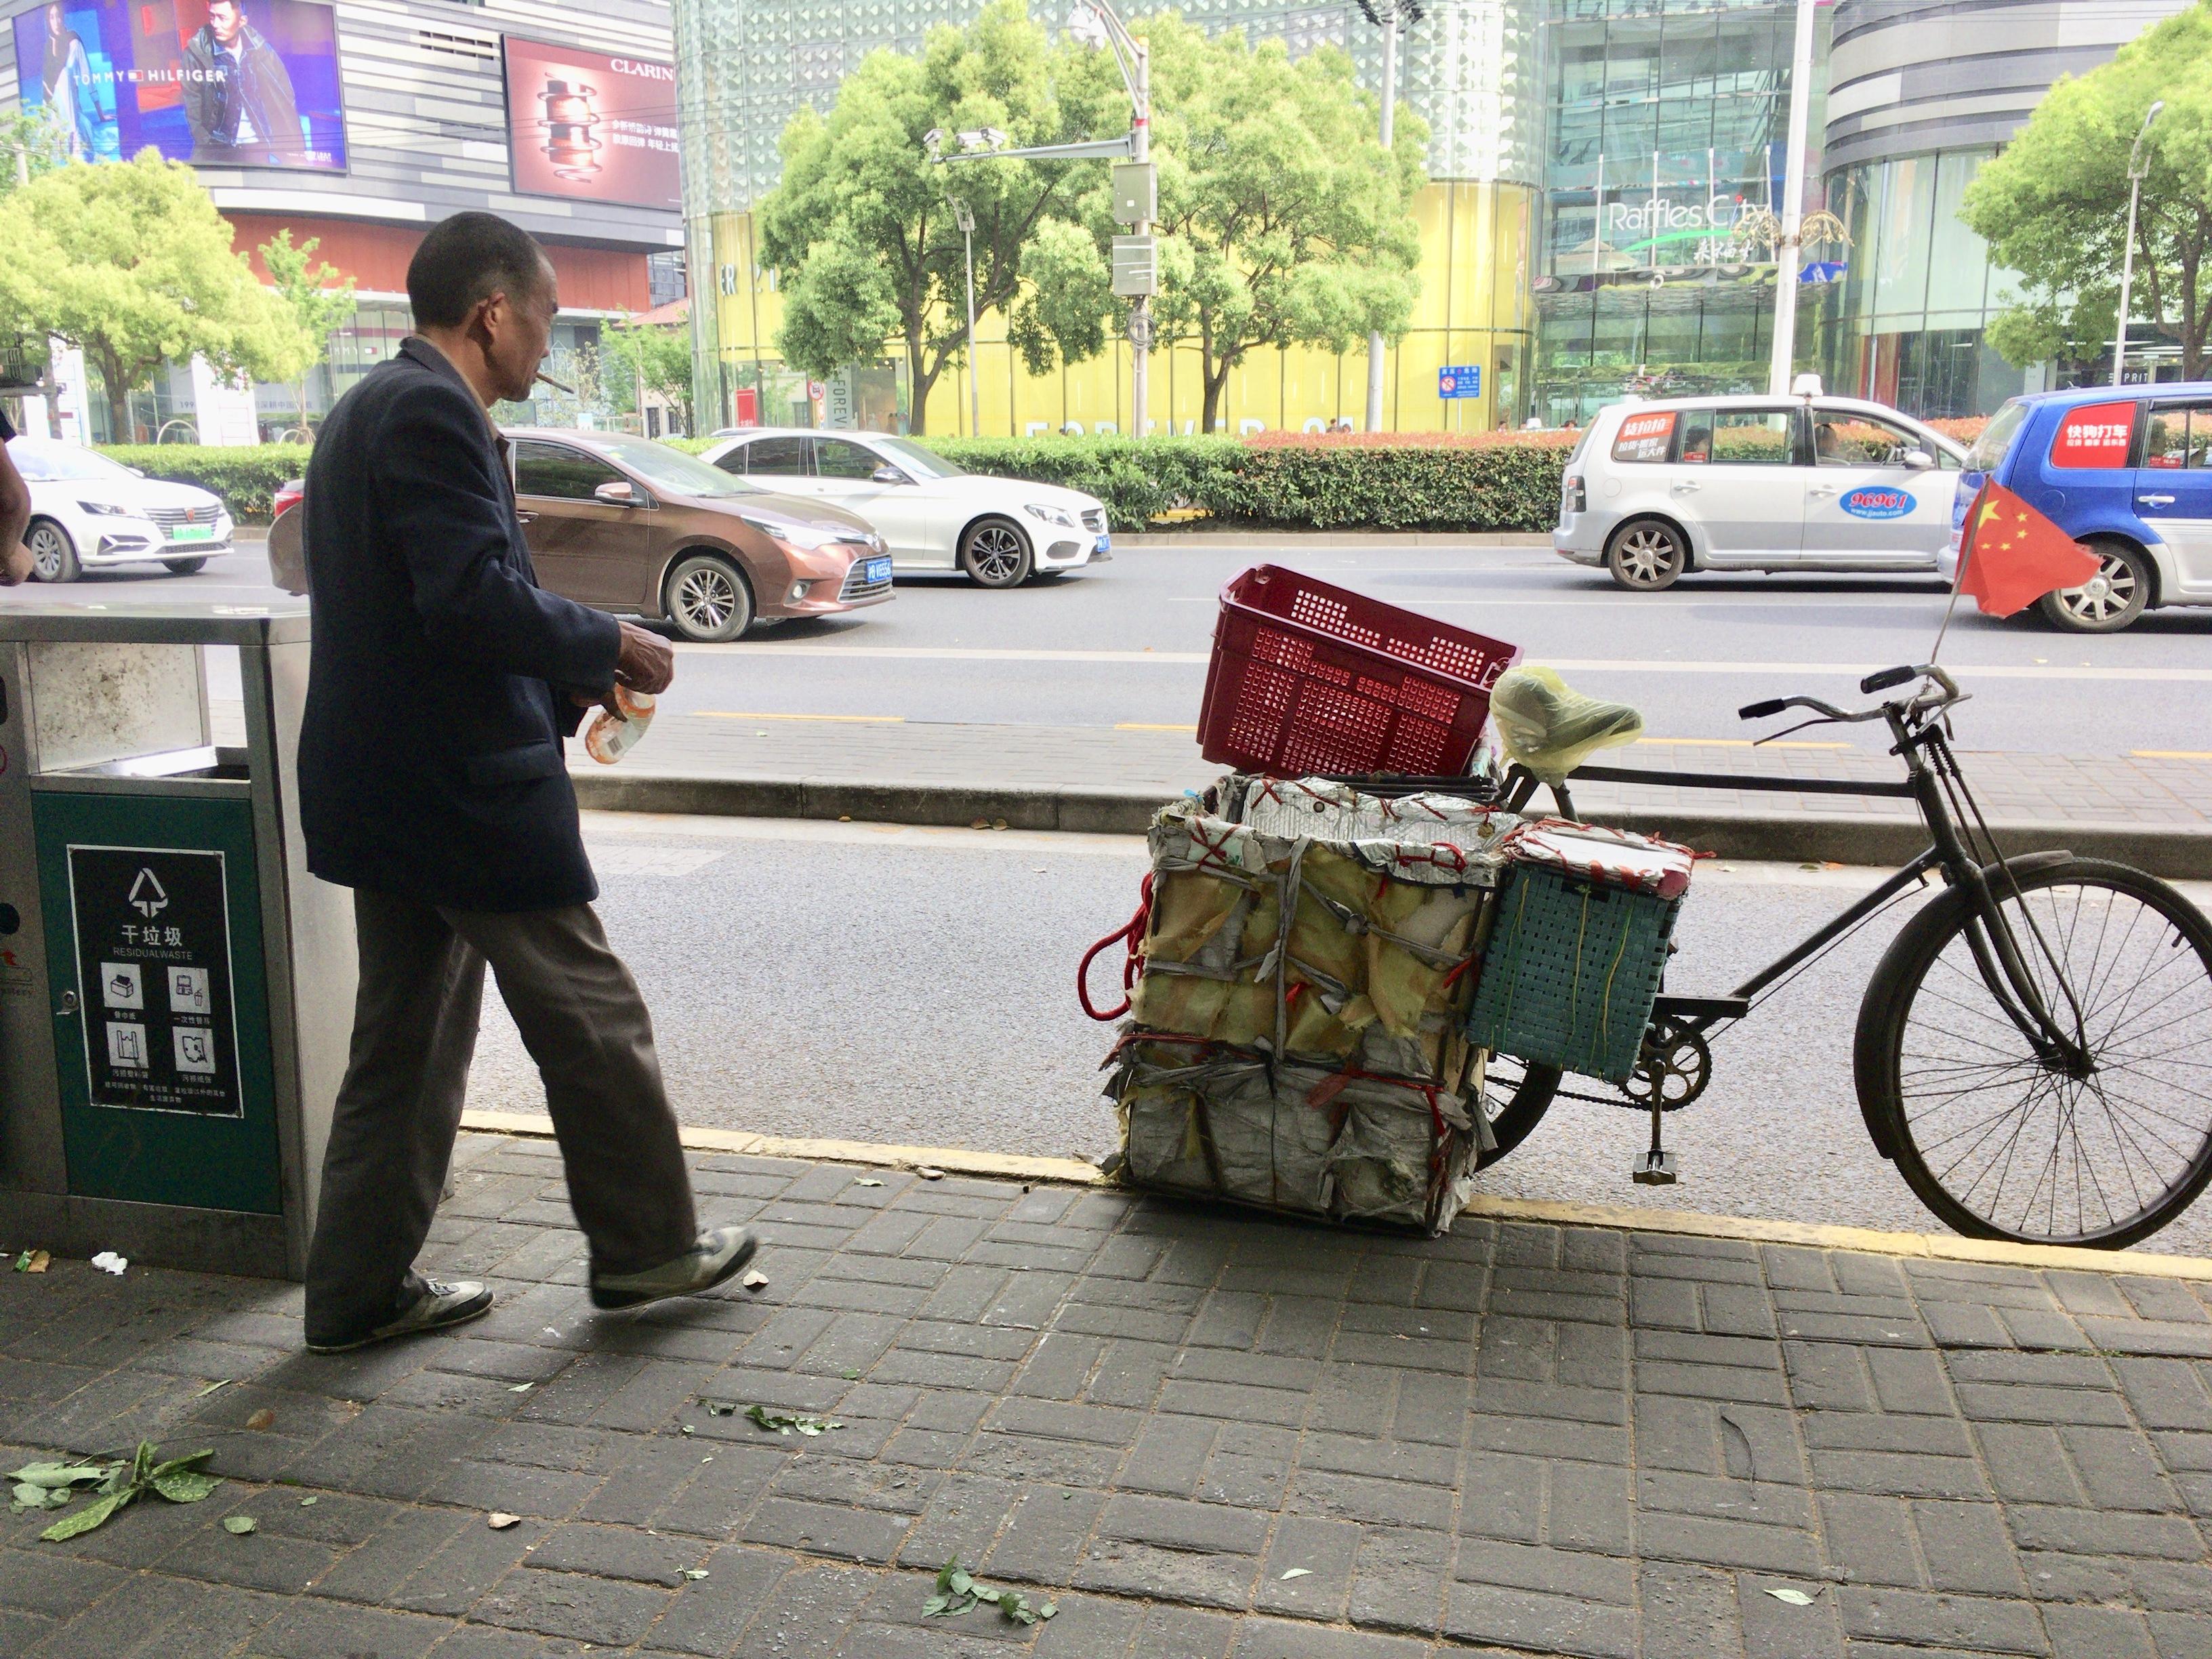 上海の自転車ゴミ回収、タバコをくわえたおっちゃん